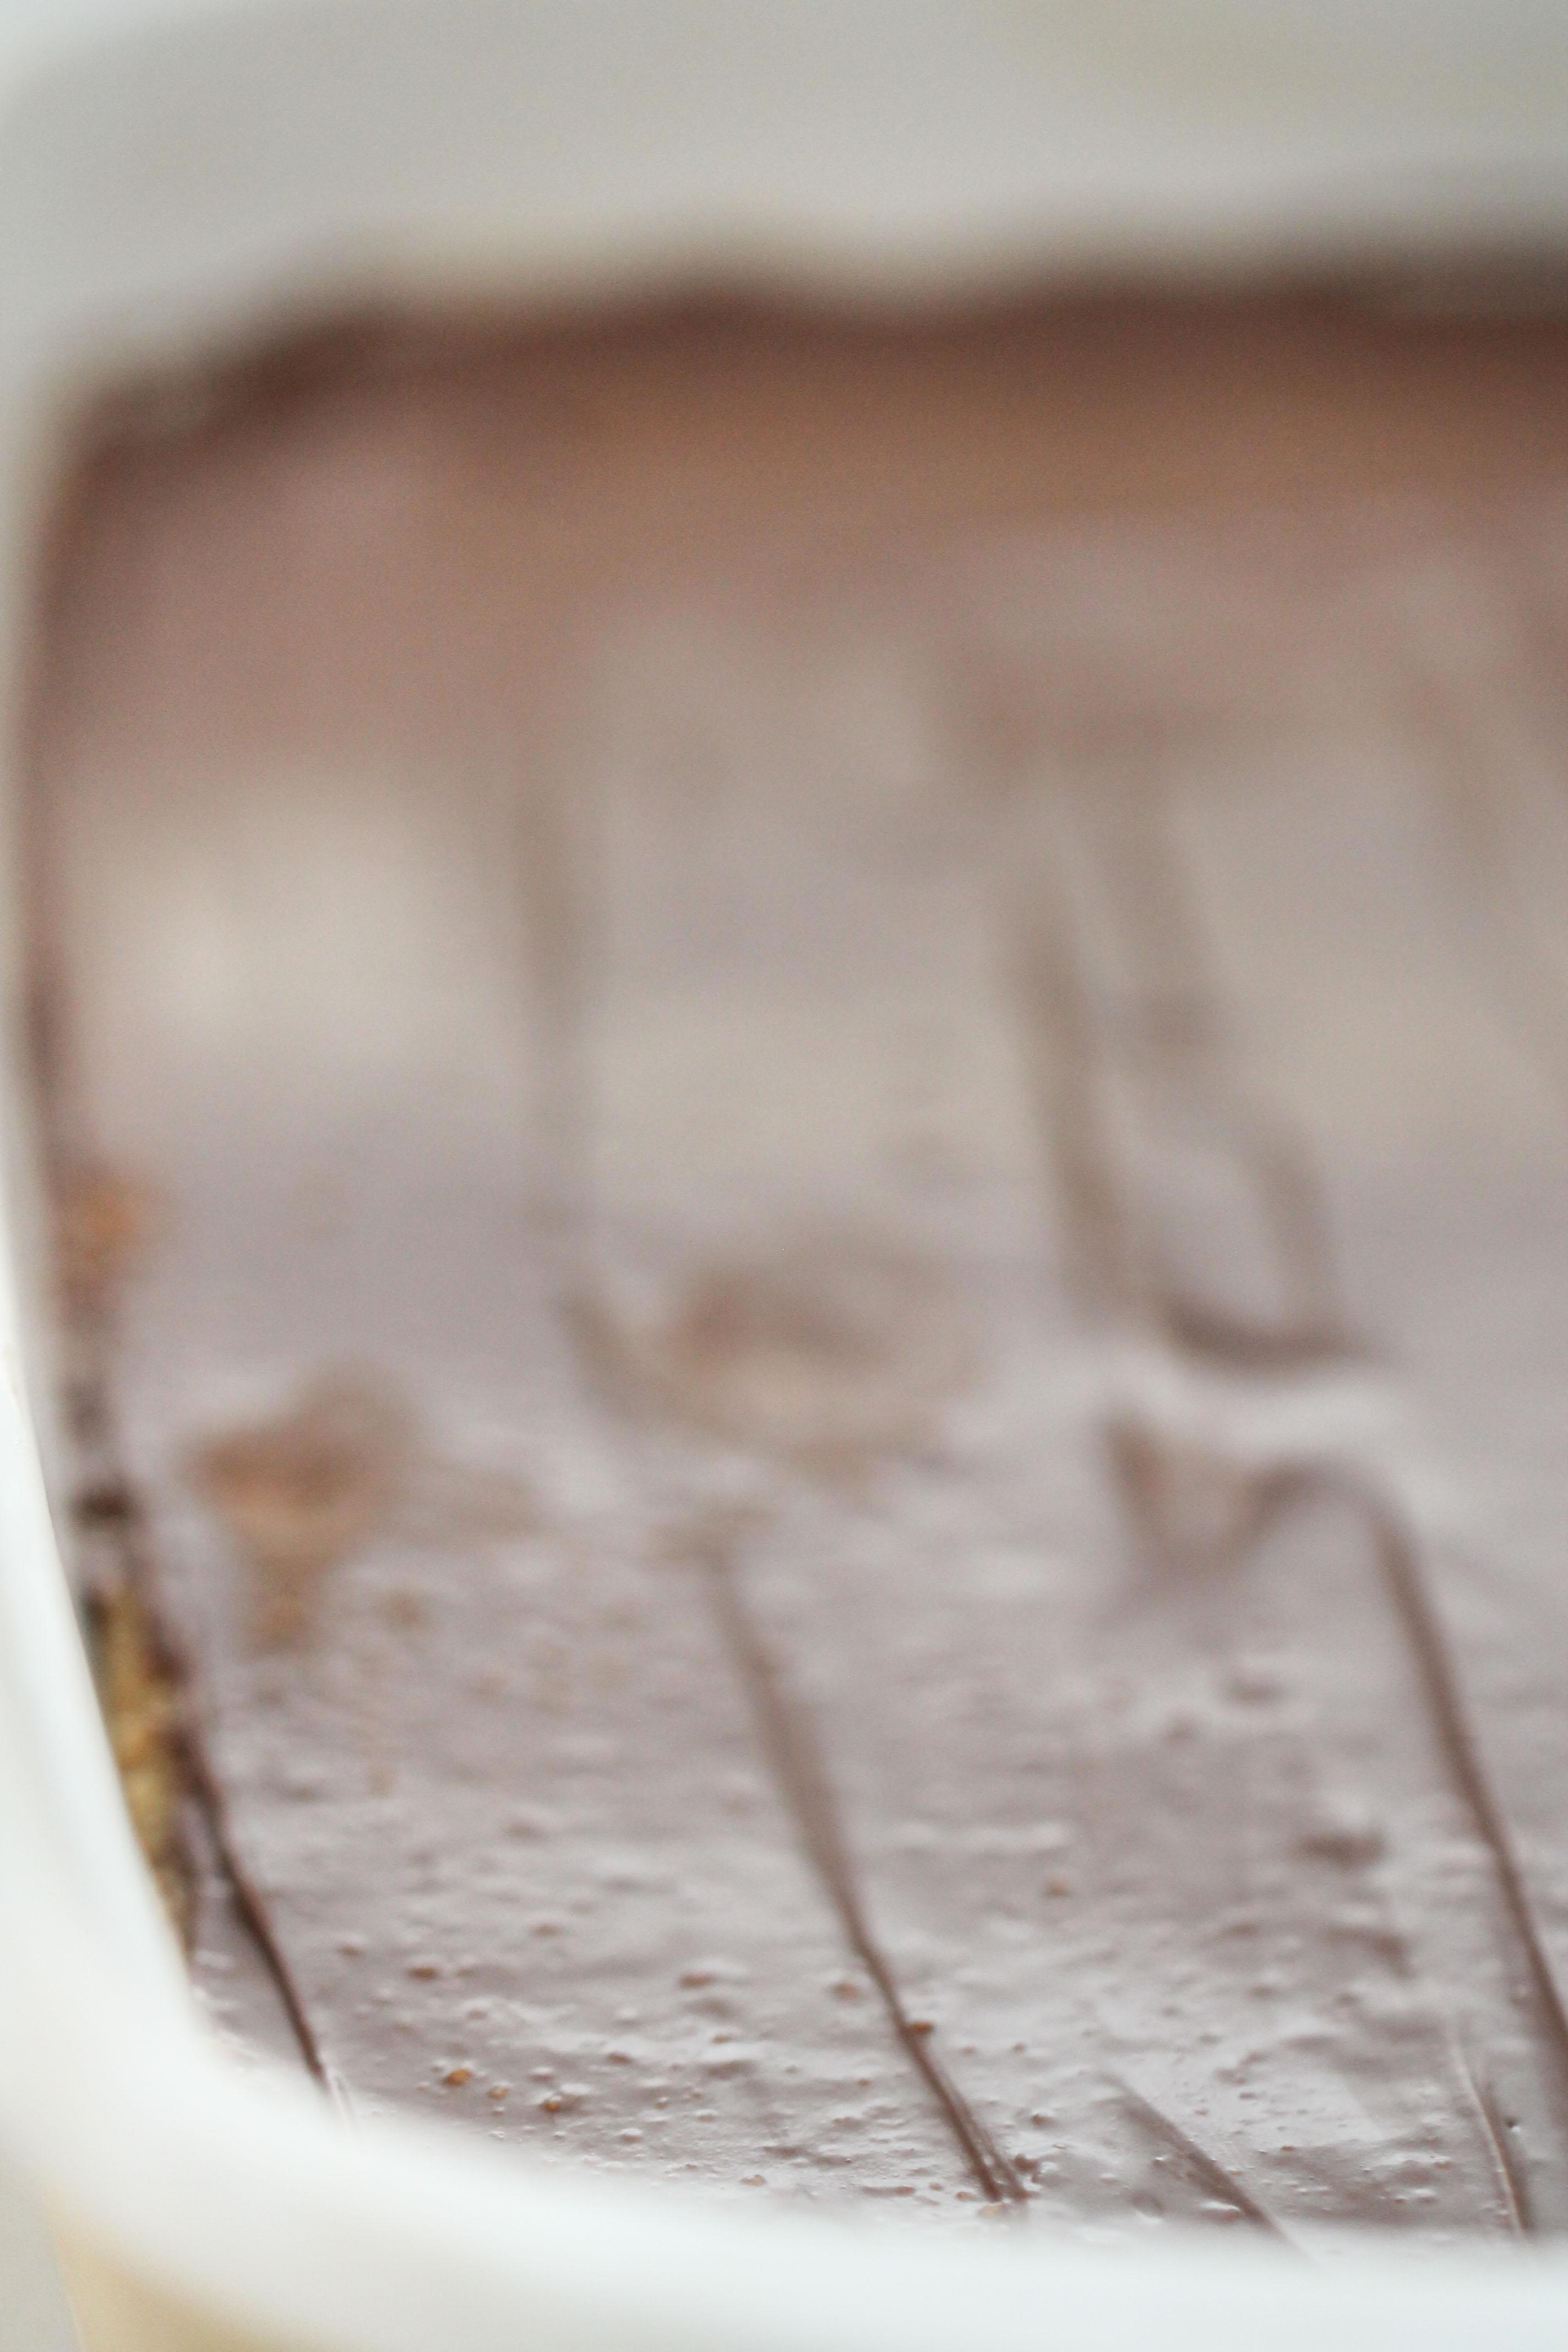 pan of no bake peanut butter bars